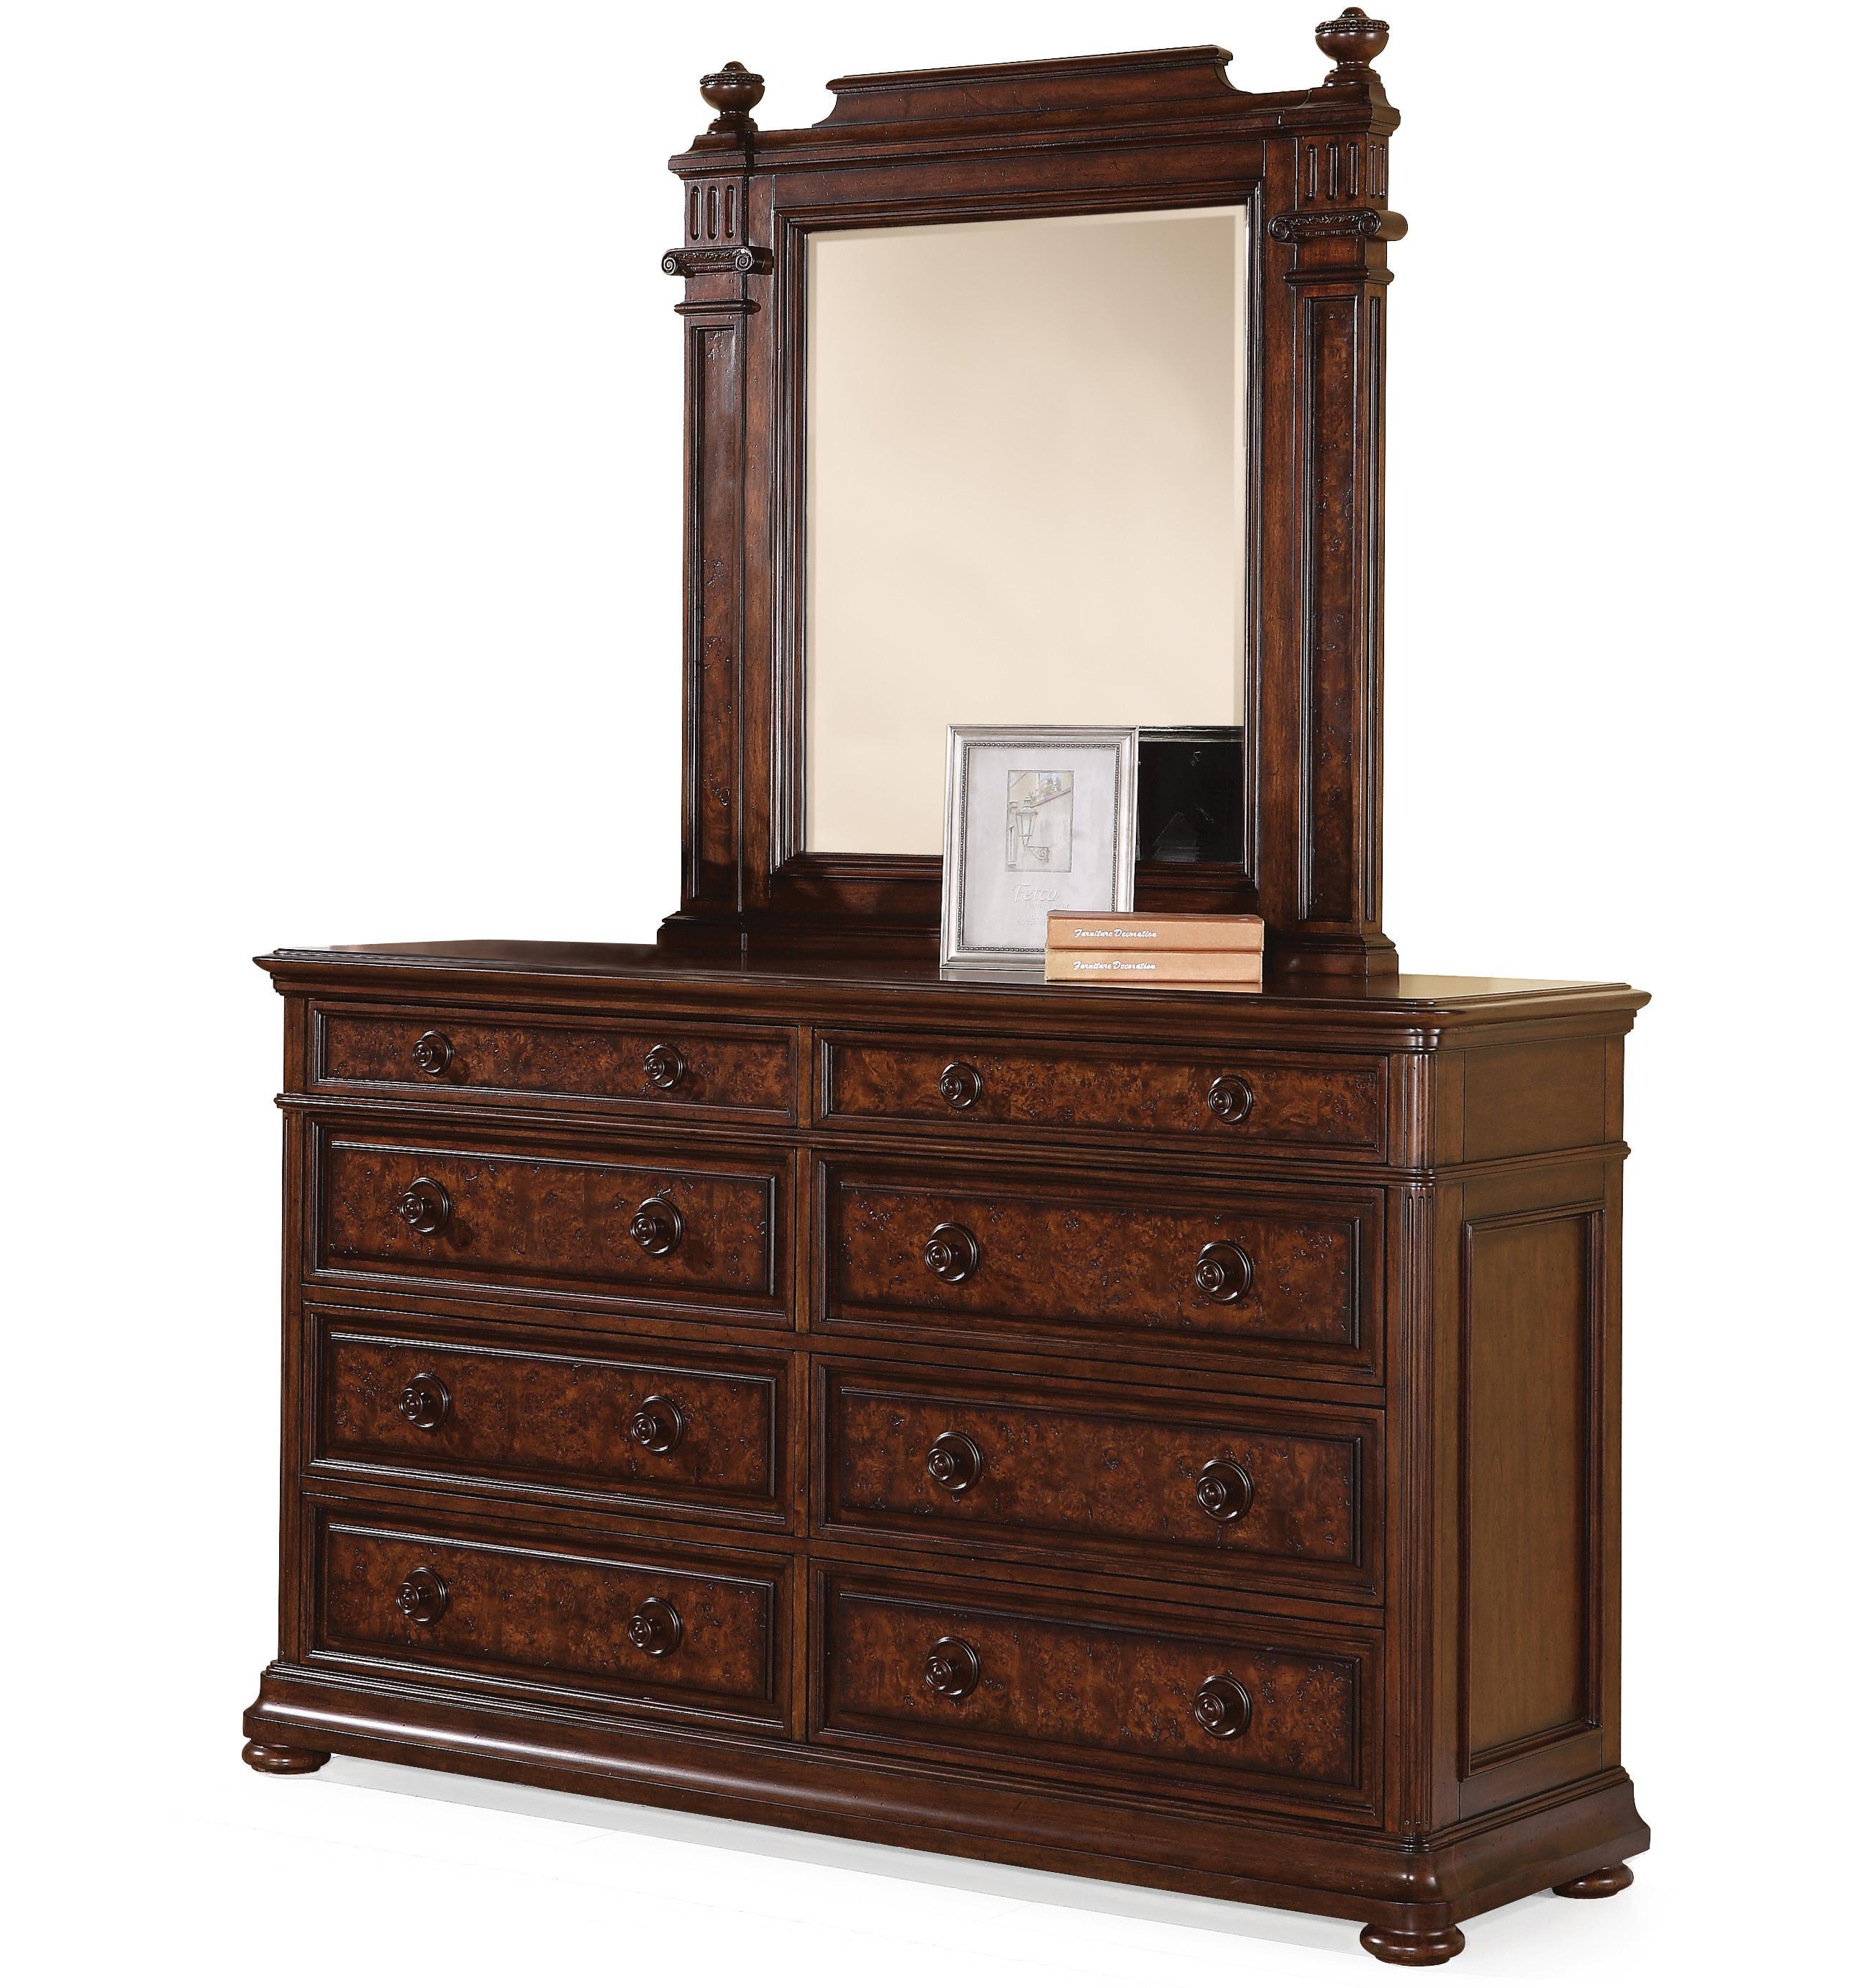 Flexsteel Wynwood Collection Aberdeen Dresser and Mirror Set - Item Number: W1952-860+80